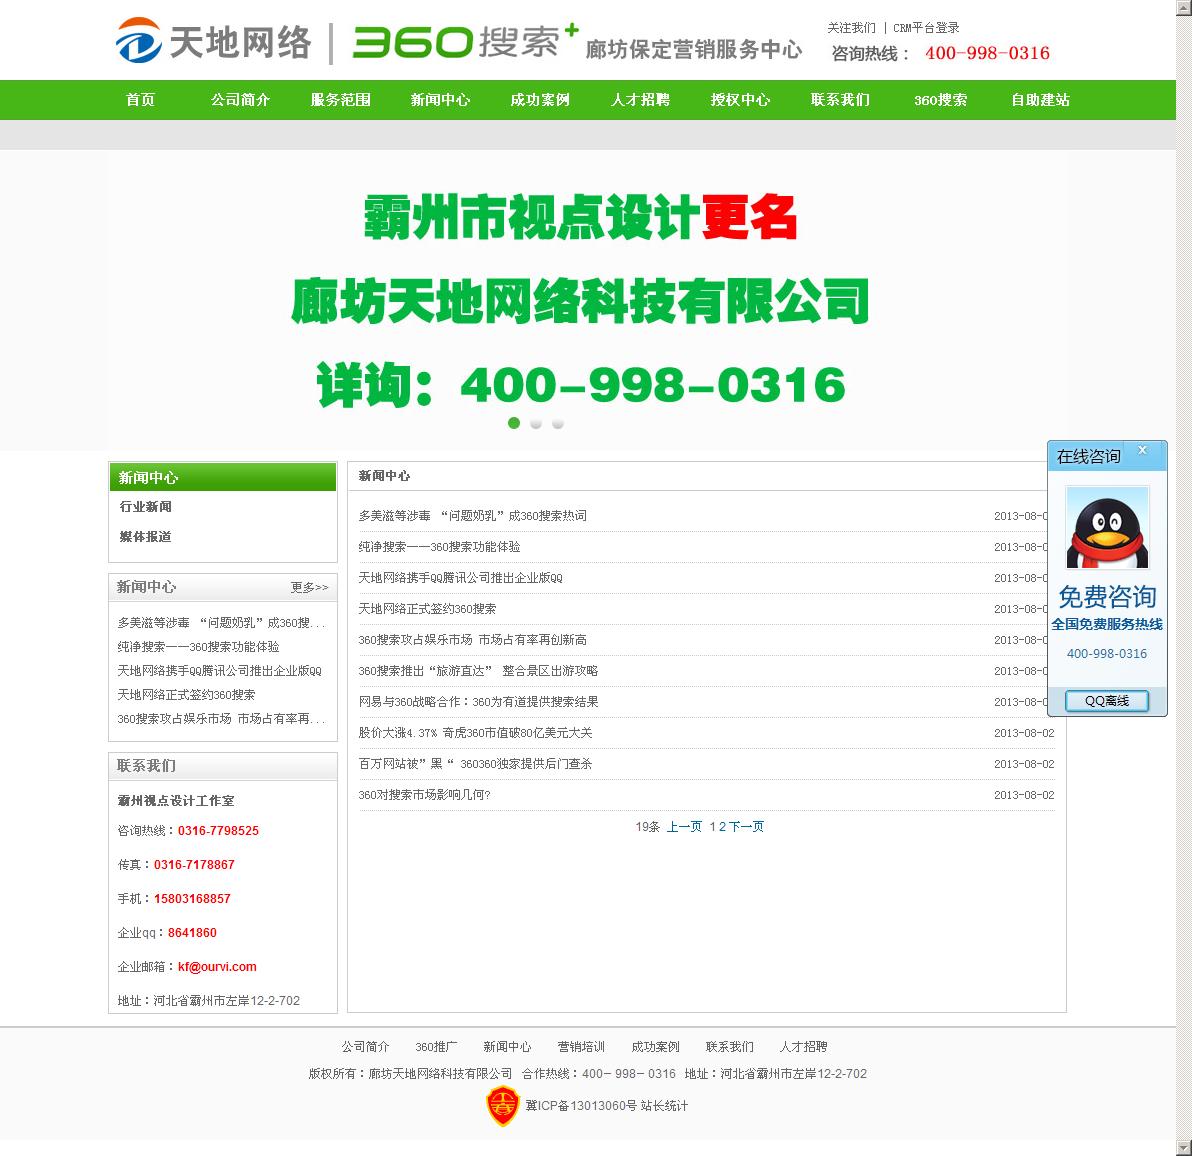 个人工作室静态网页模板_phpcms v9清新绿色工作室网站模板_模板无忧www.mb5u.com